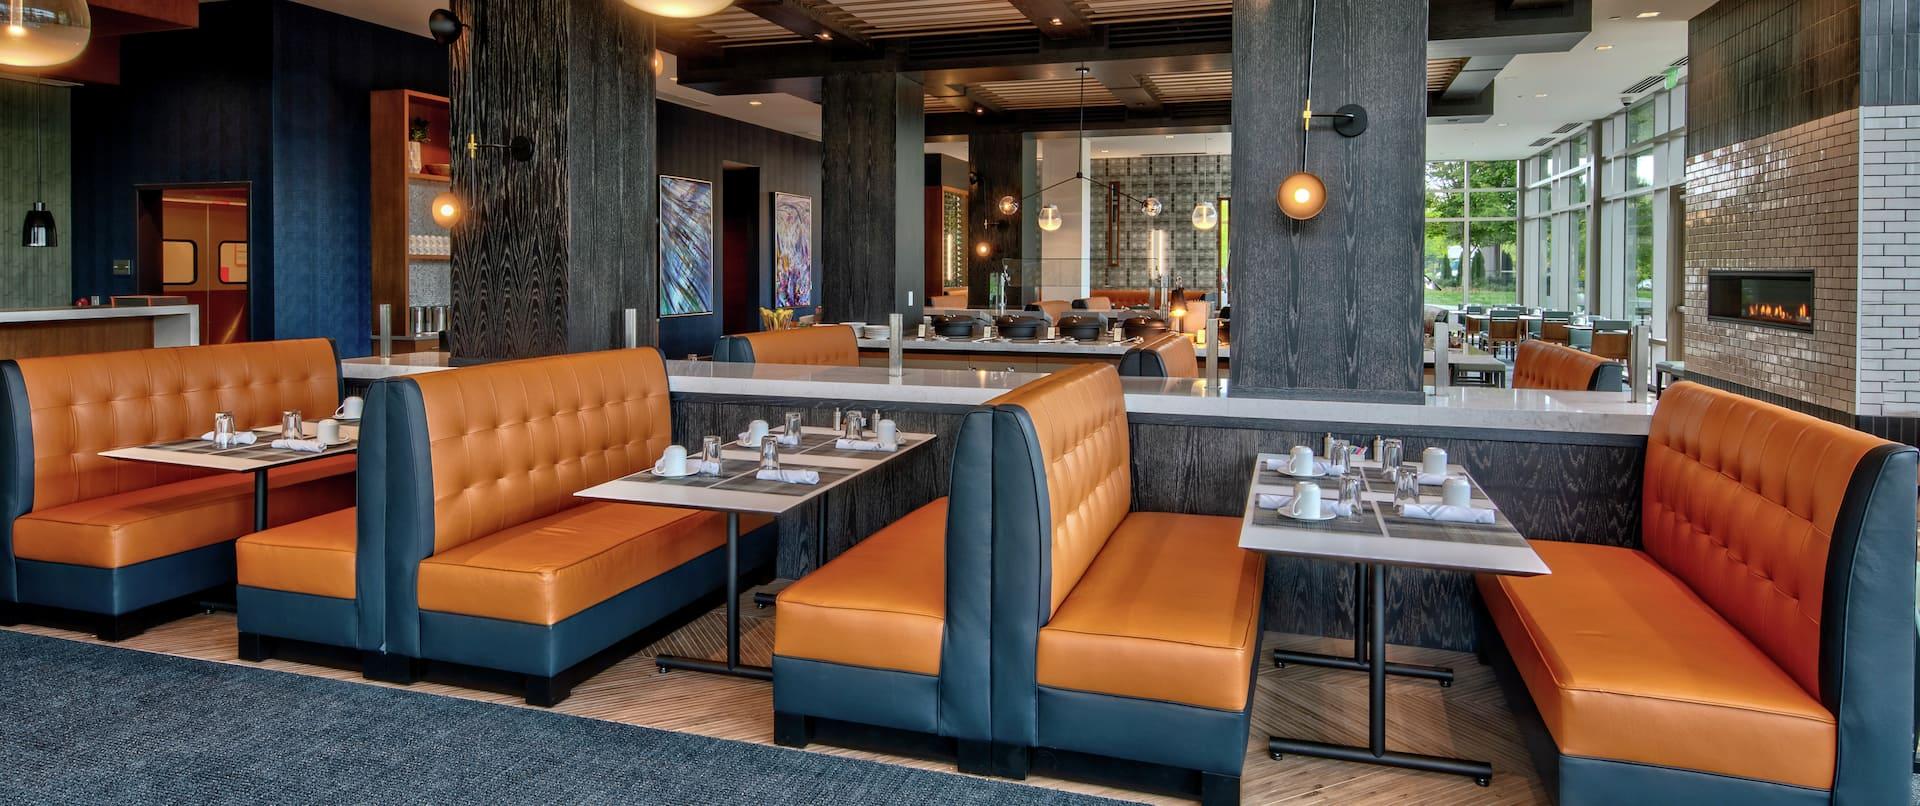 Härth Restaurant Seating